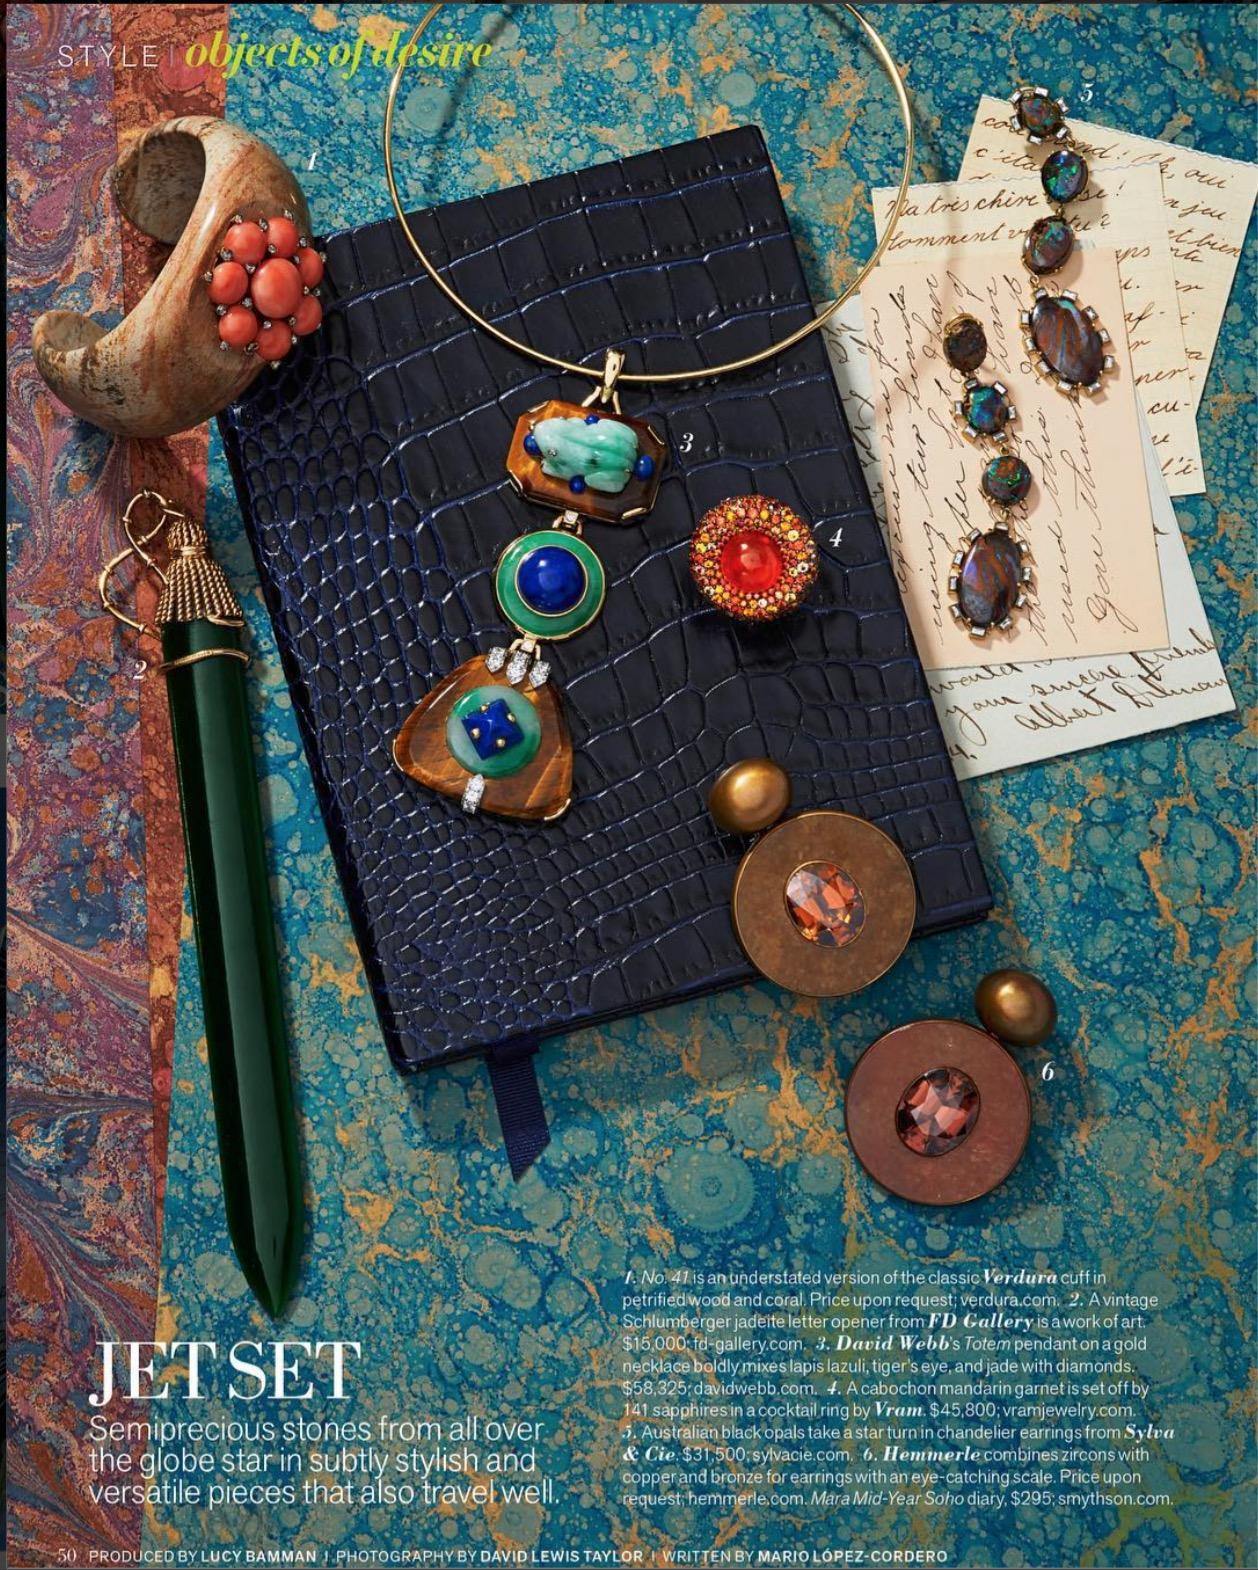 VRAM Jewelry mandarin garnet and sapphire ring Veranda Magazine